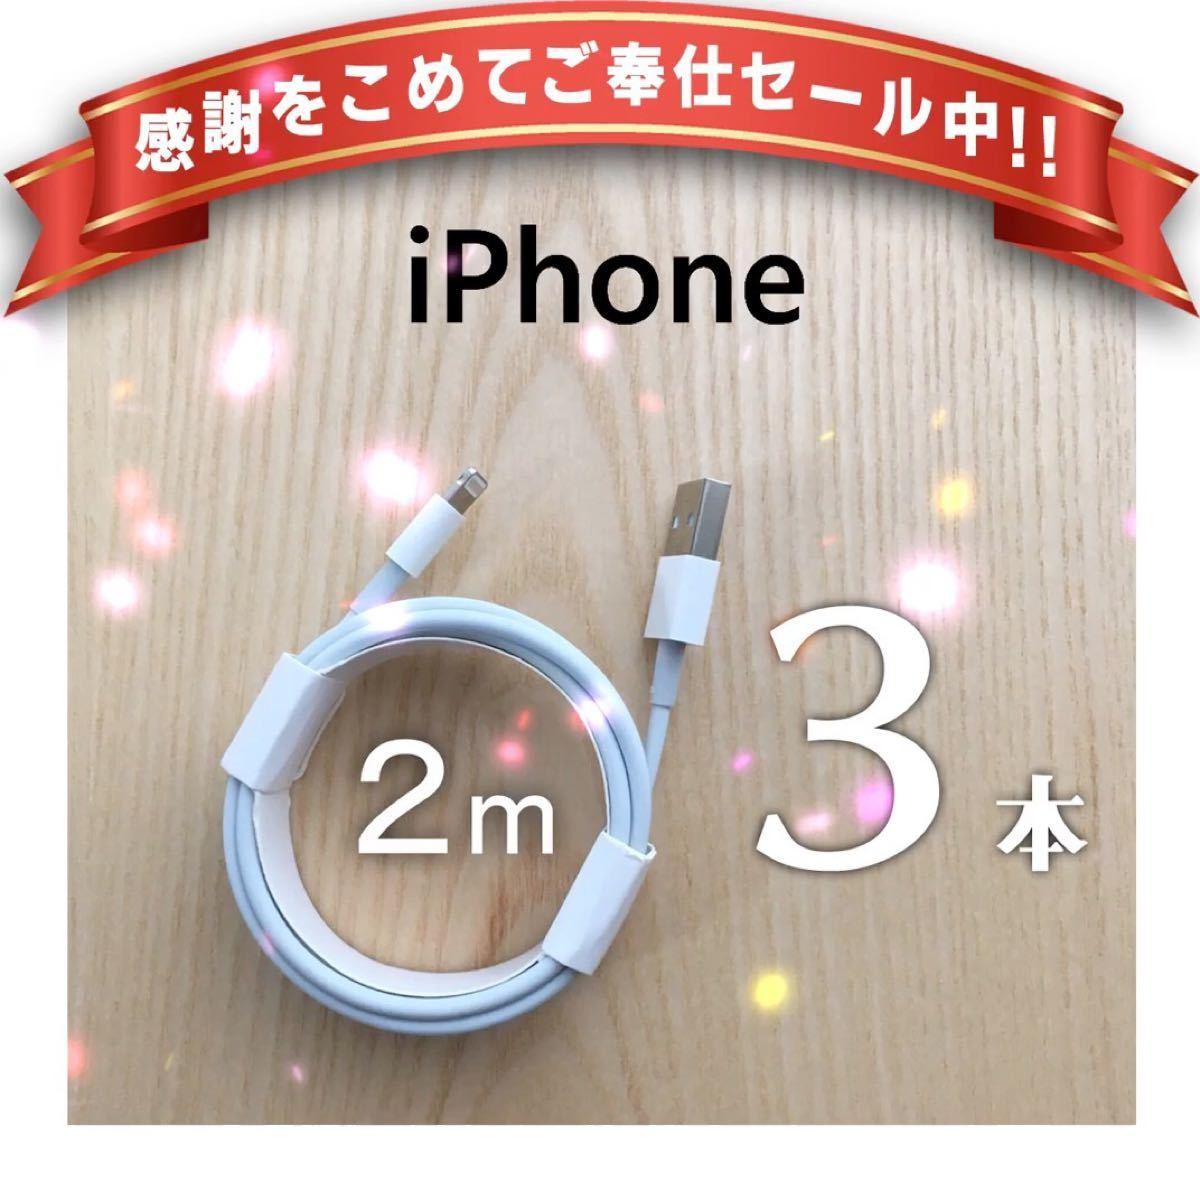 iPhone lightningcable ライトニングケーブル 充電器 コード セール 格安 スマホ アクセサリー